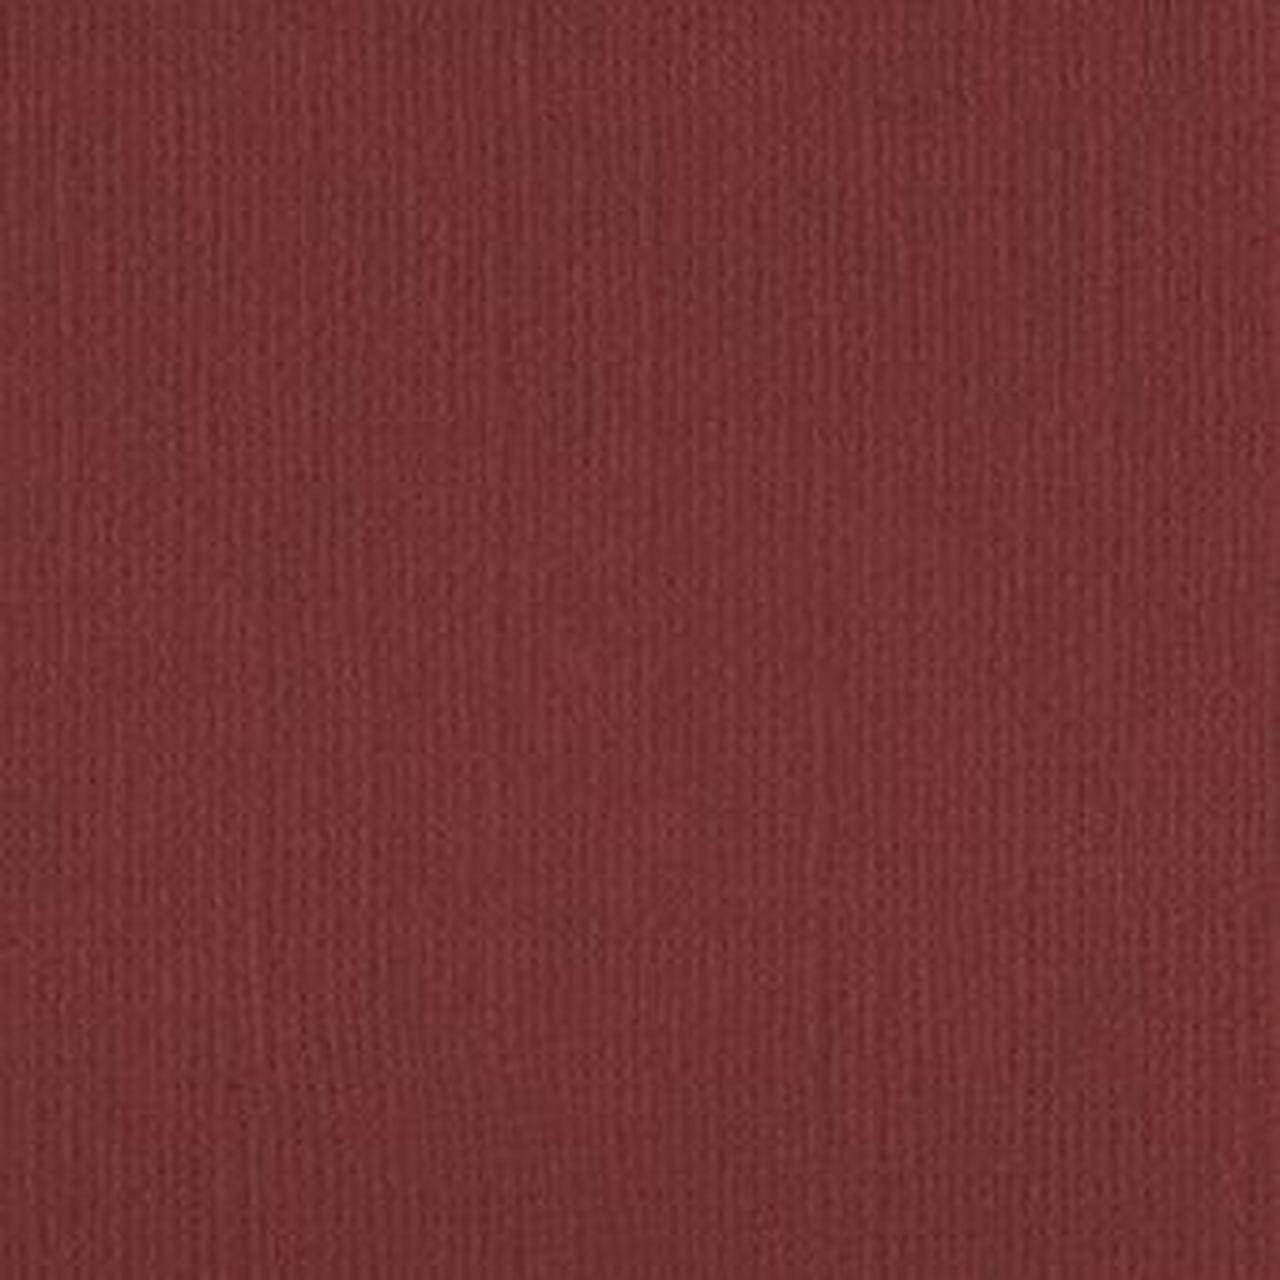 Linen Cardstock - Shiraz